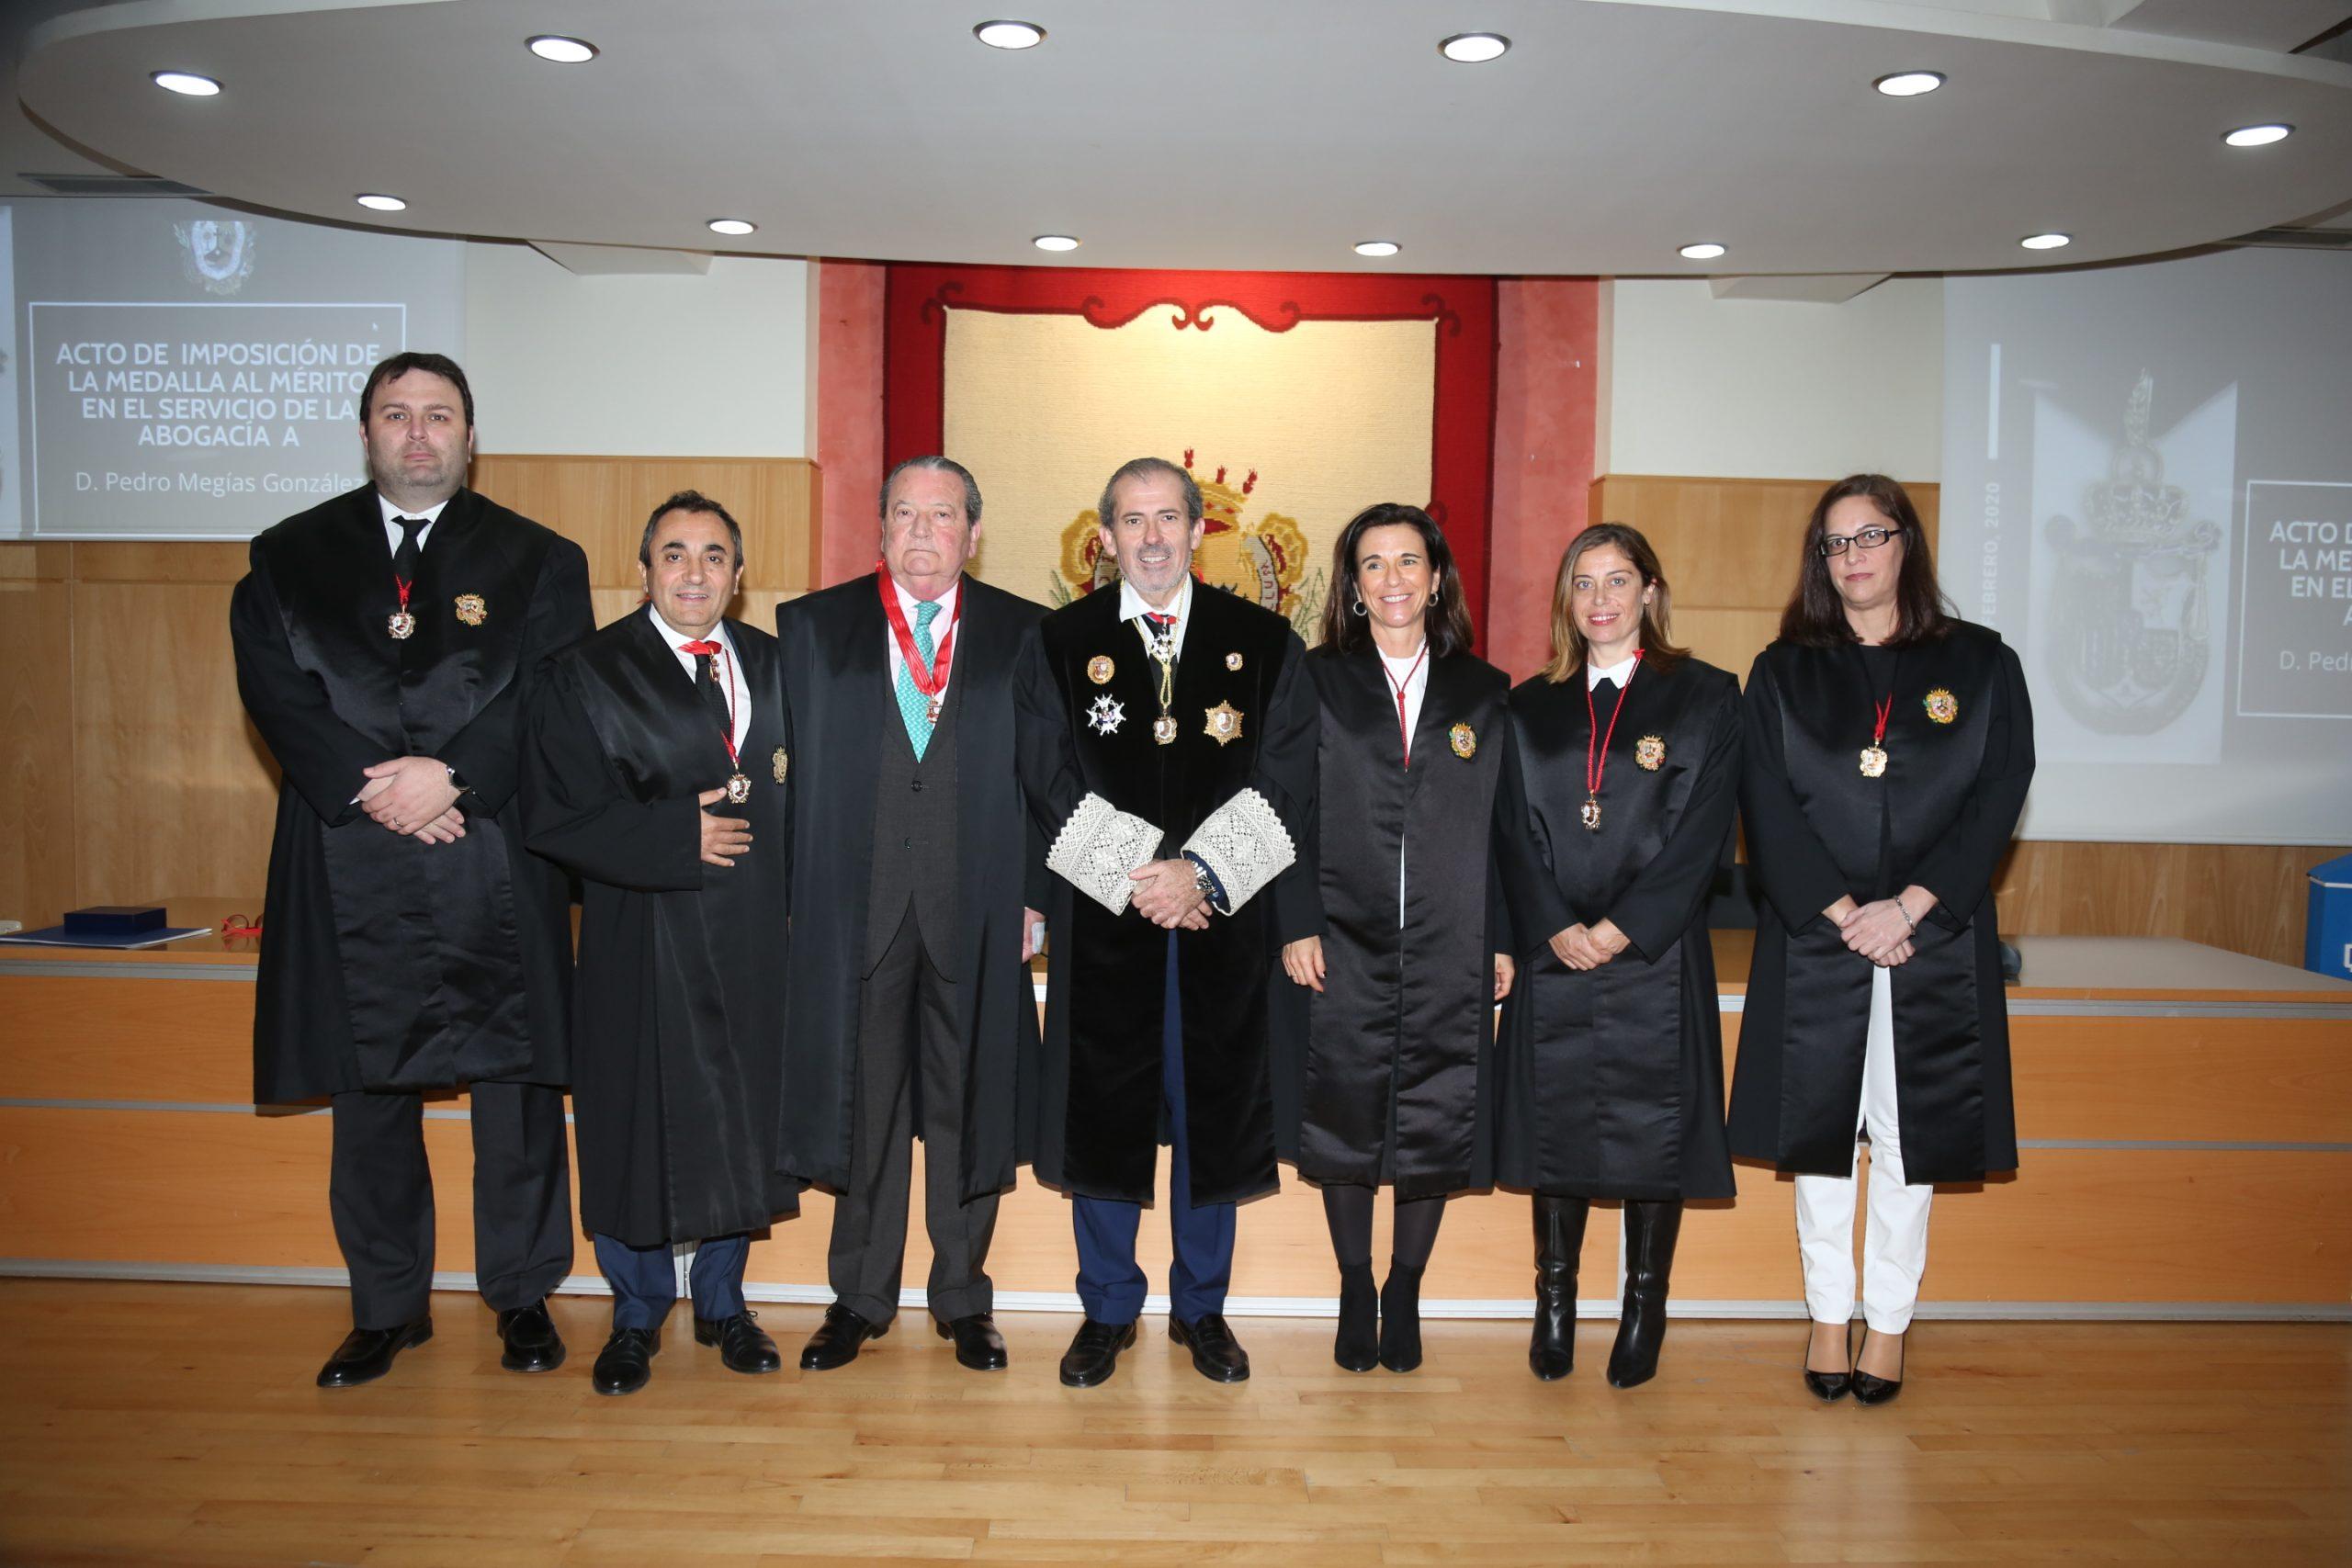 El letrado Pedro Megías recibe en Málaga la Medalla al Mérito en el Servicio de la Abogacía